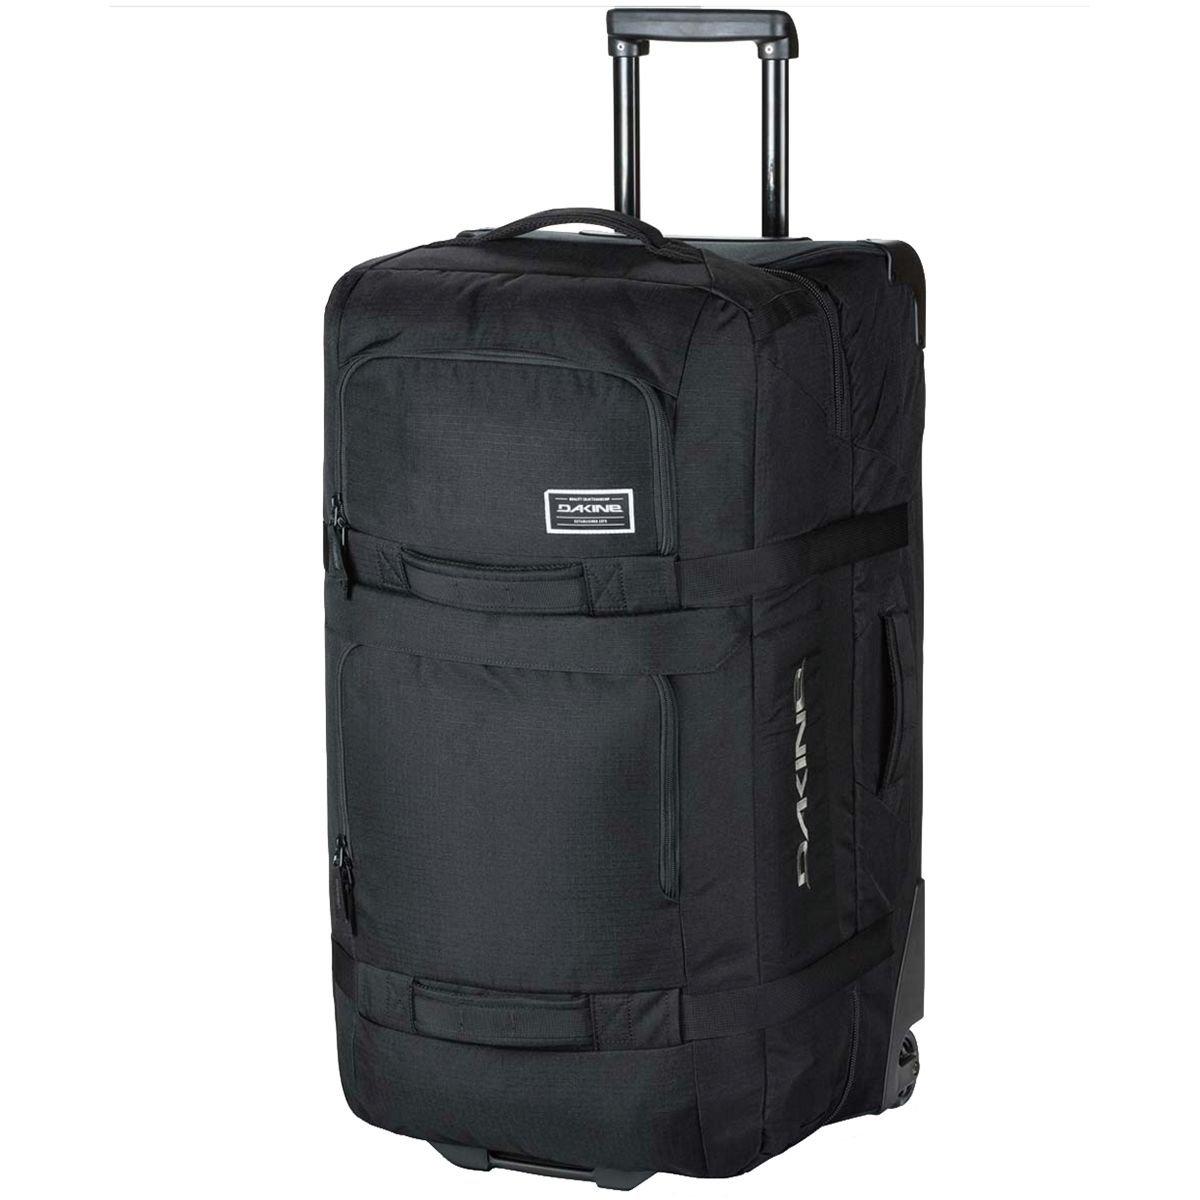 [ダカイン] レディース ボストンバッグ Split Roller 110L Gear Bag [並行輸入品] B07BWJXL5P  No-Size